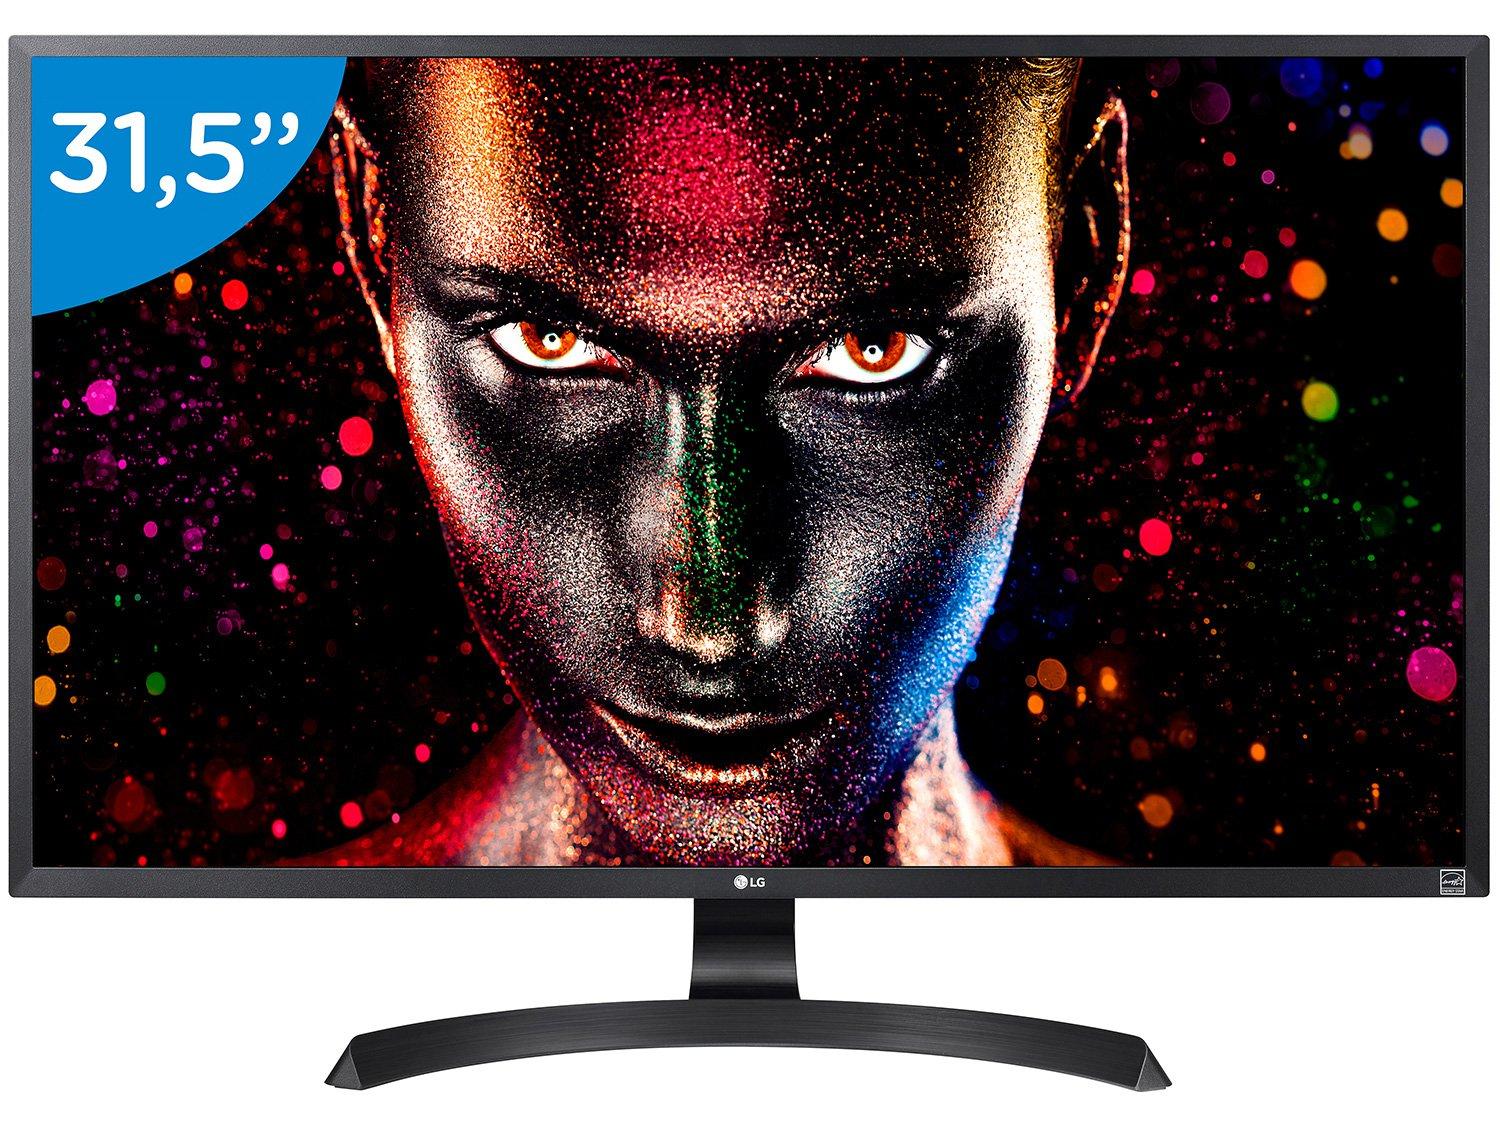 Foto 1 - Monitor para PC 4K LG LED 31,5 - 32UD59-B